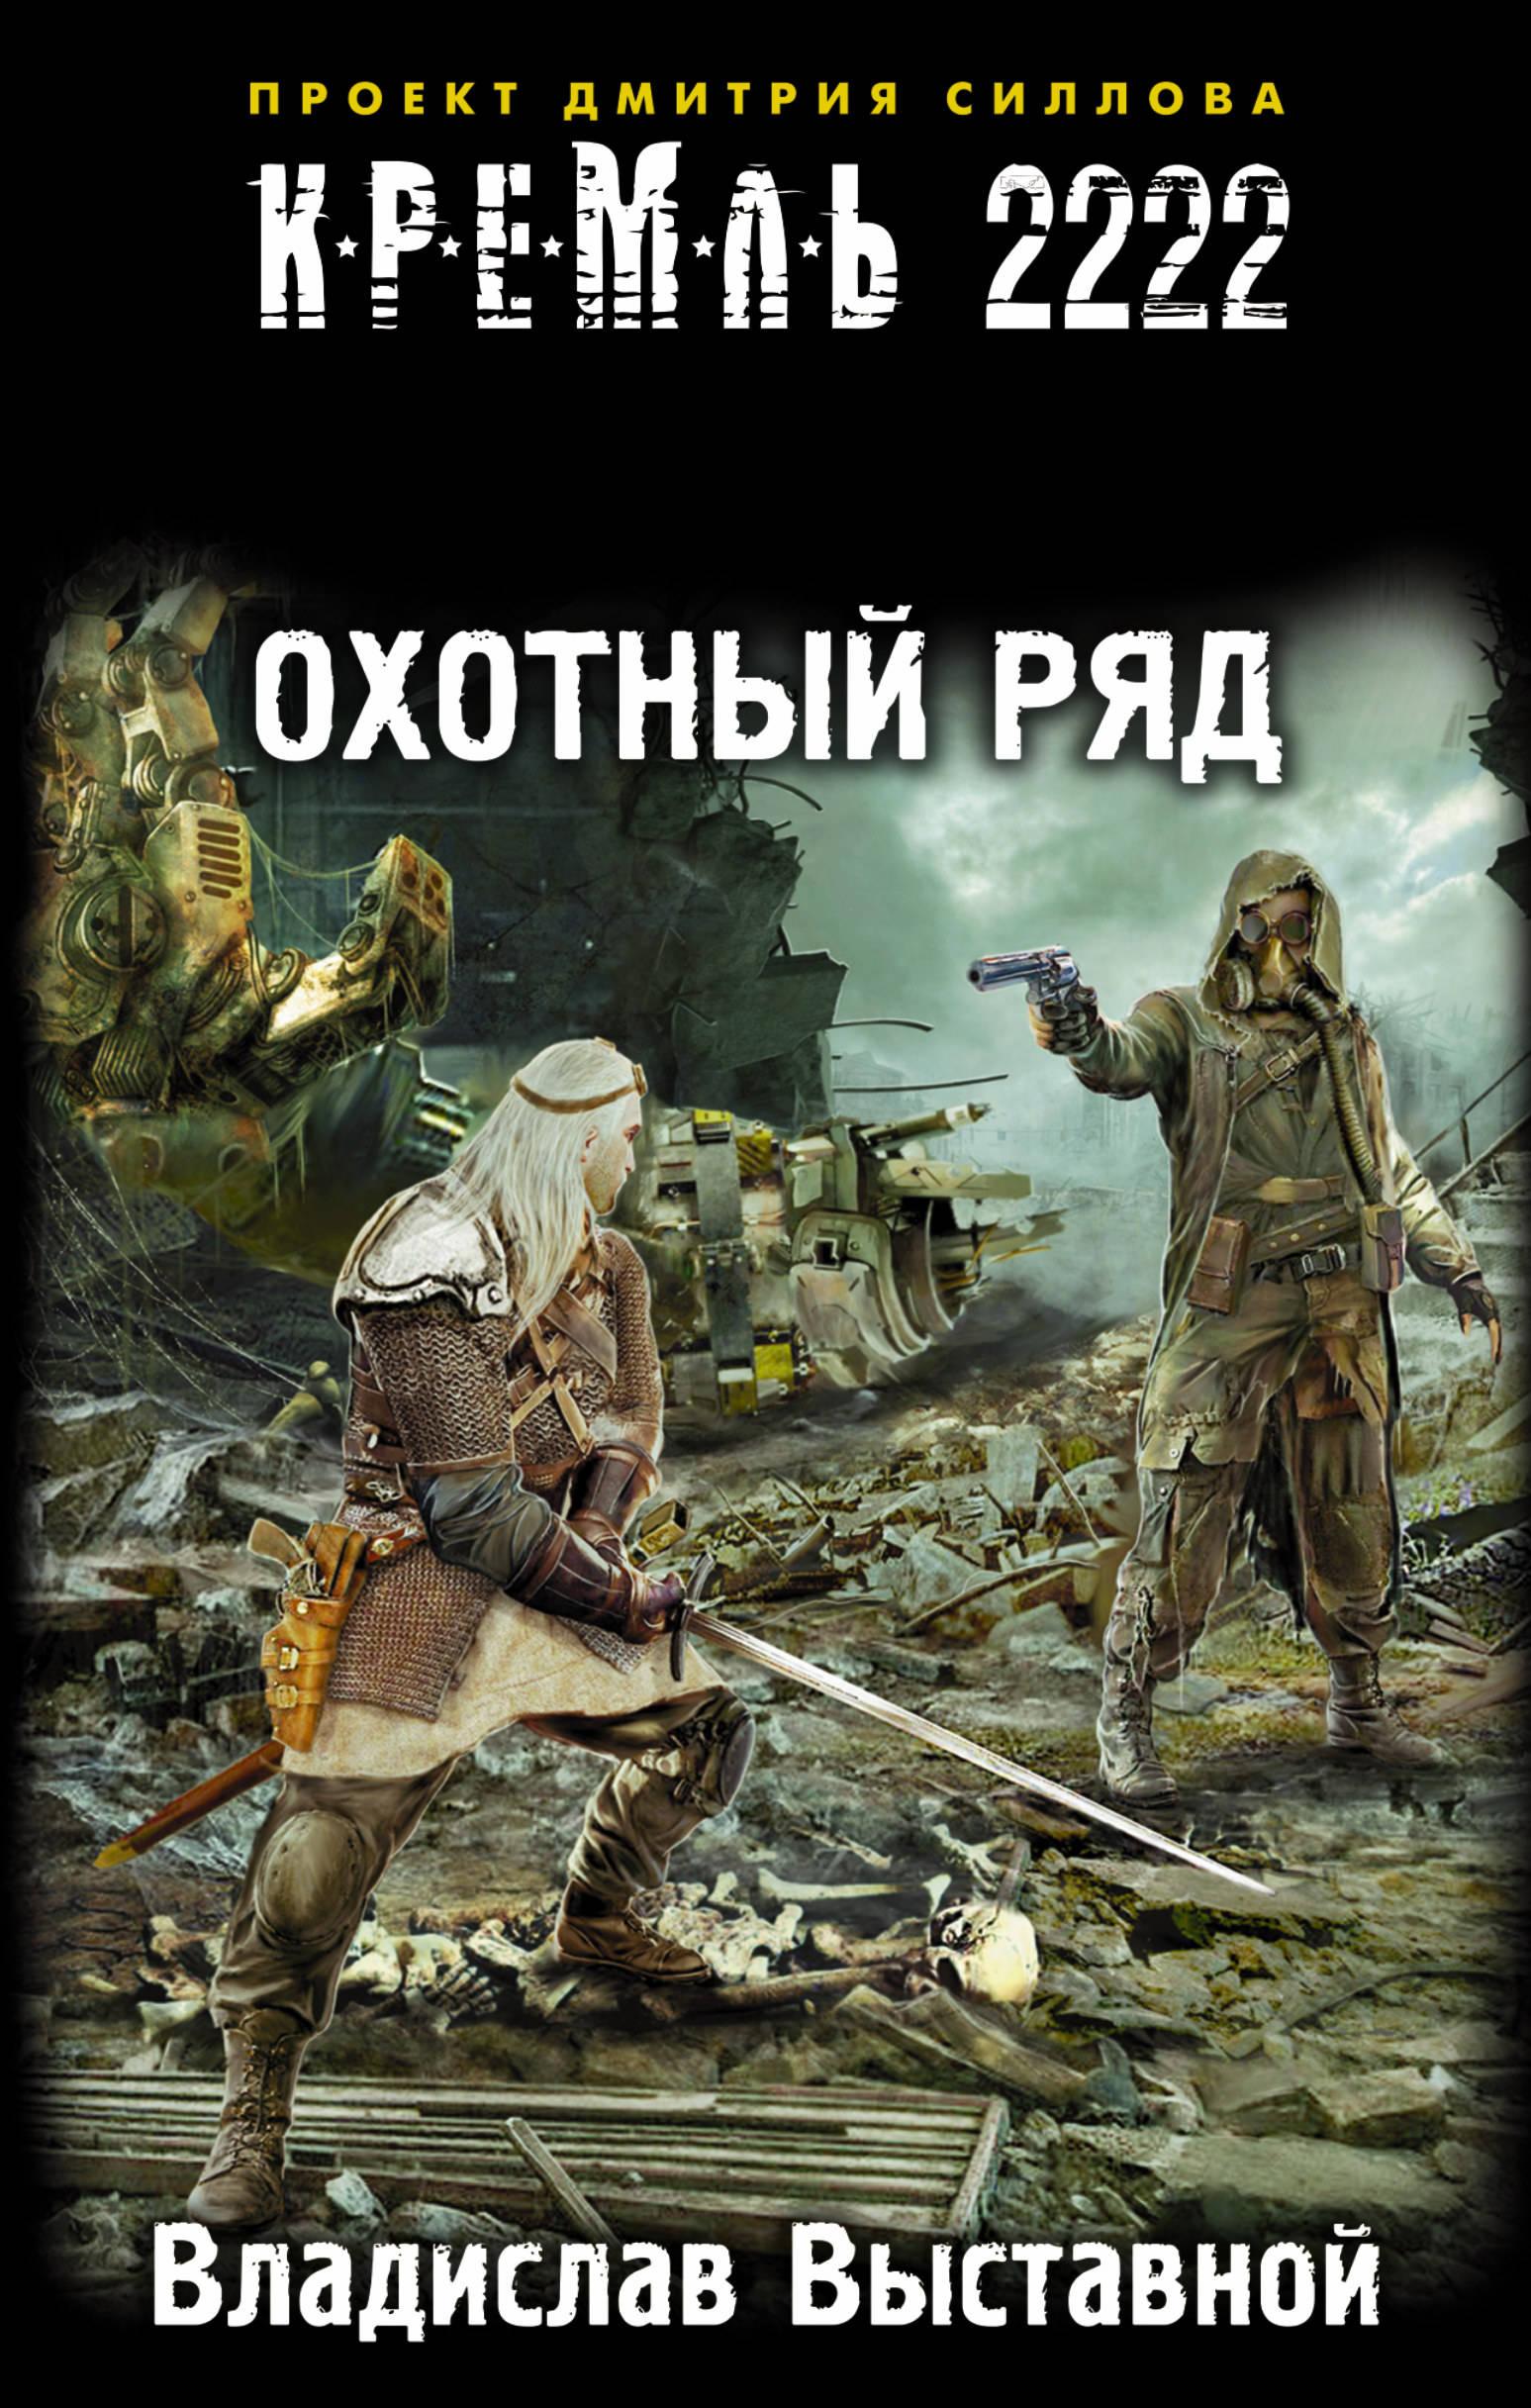 Кремль 2222. Охотный ряд. Владислав Выставной